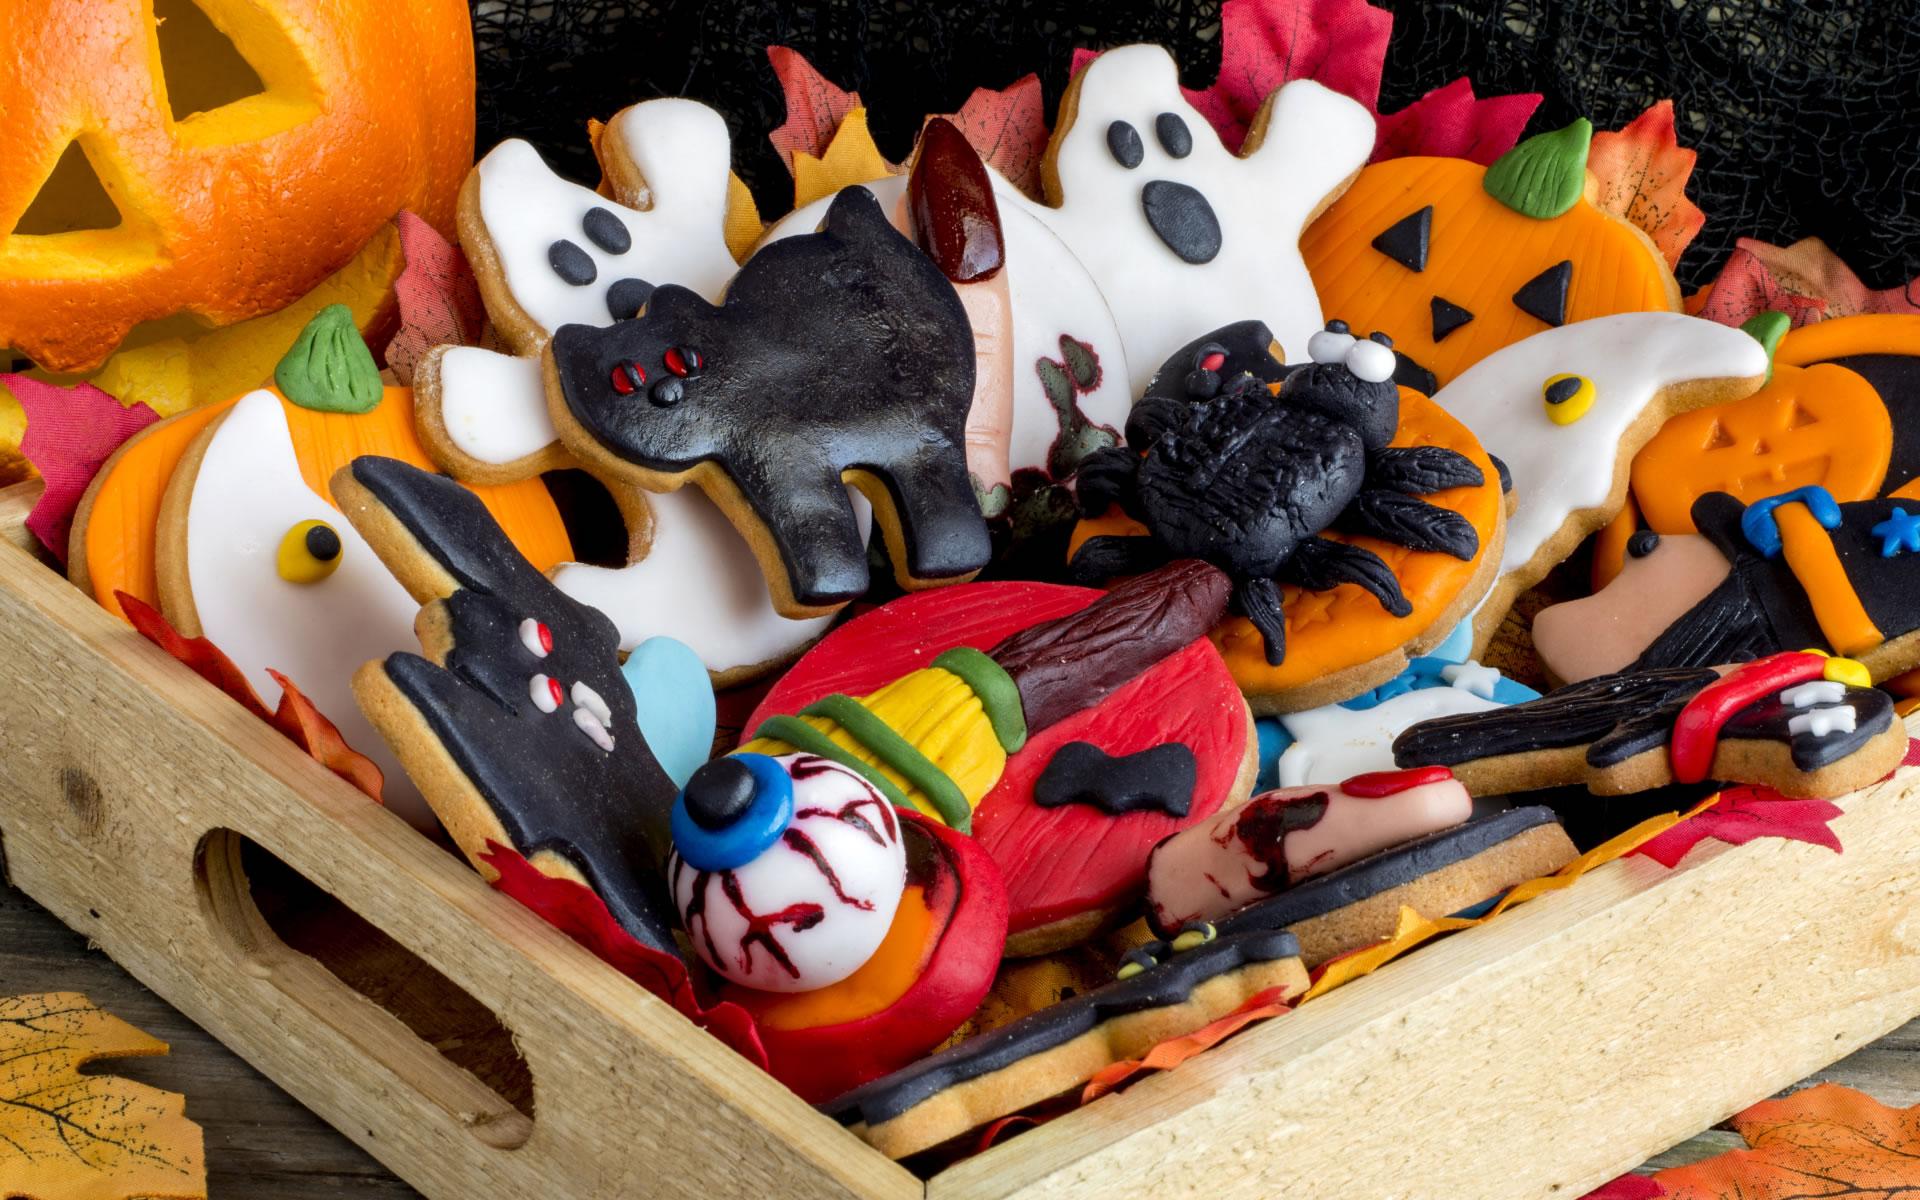 download wallpaper-halloween-koekjes wallpaper